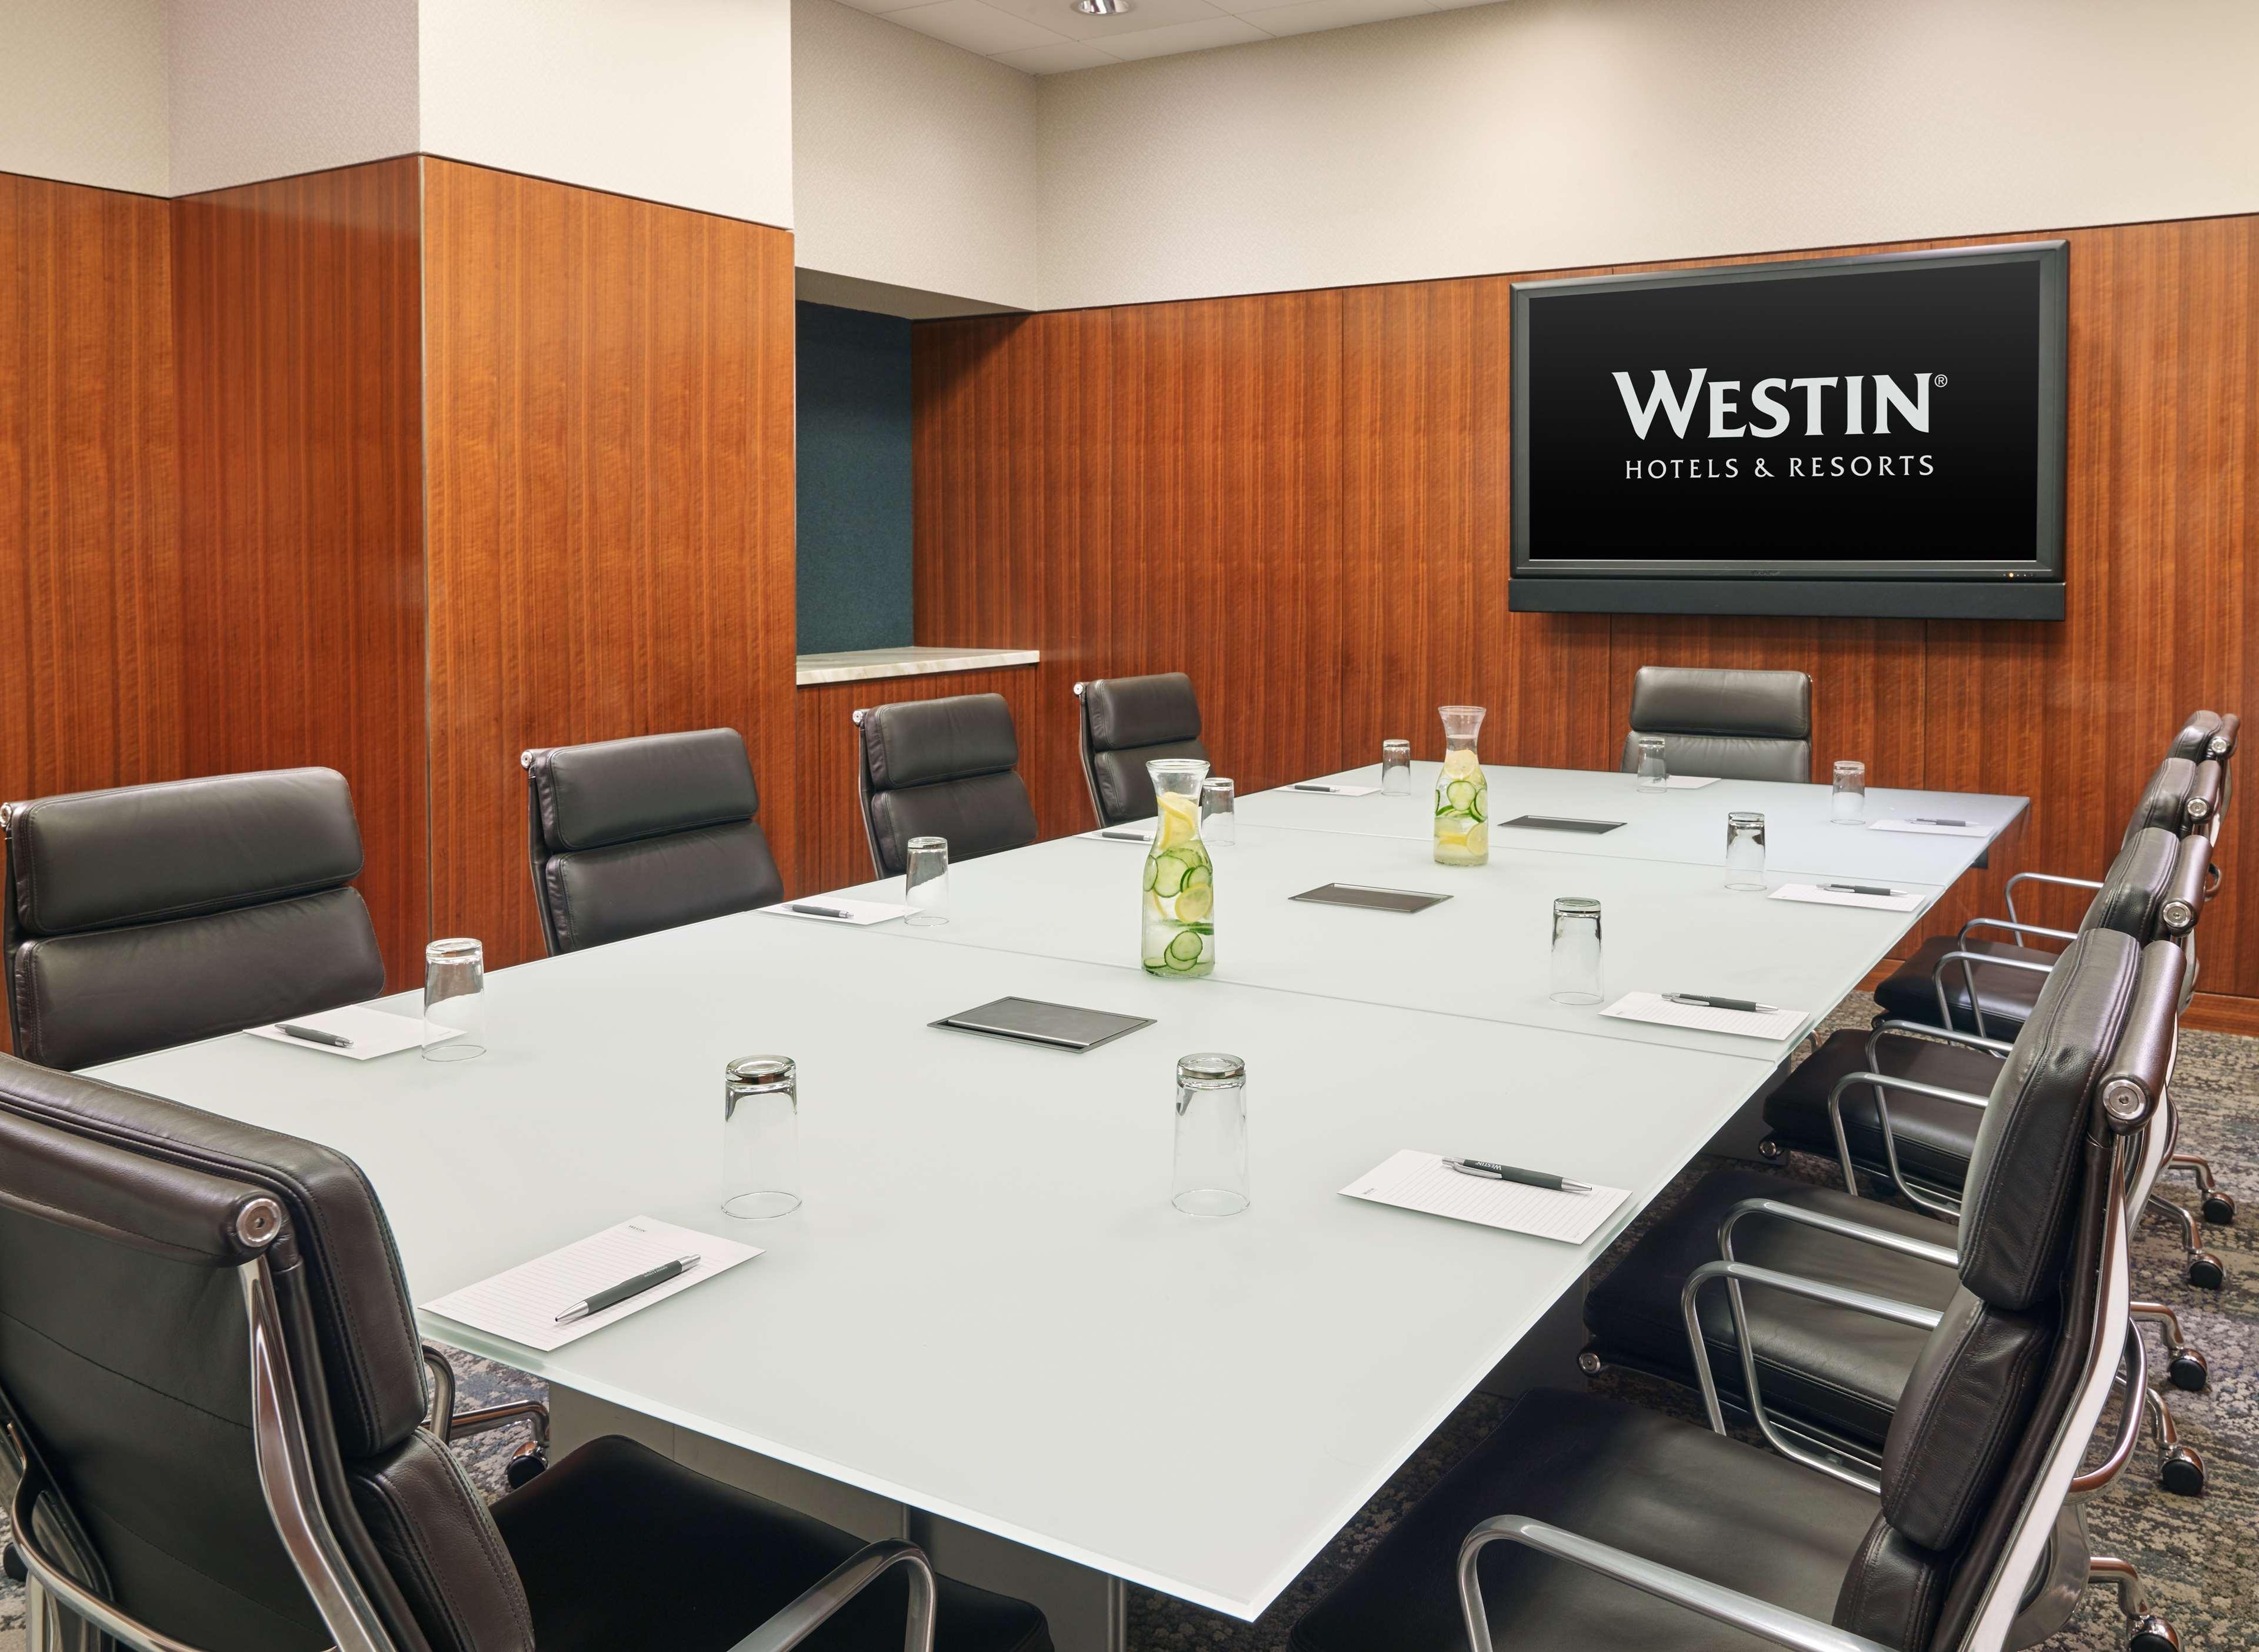 The Westin Galleria Dallas image 19